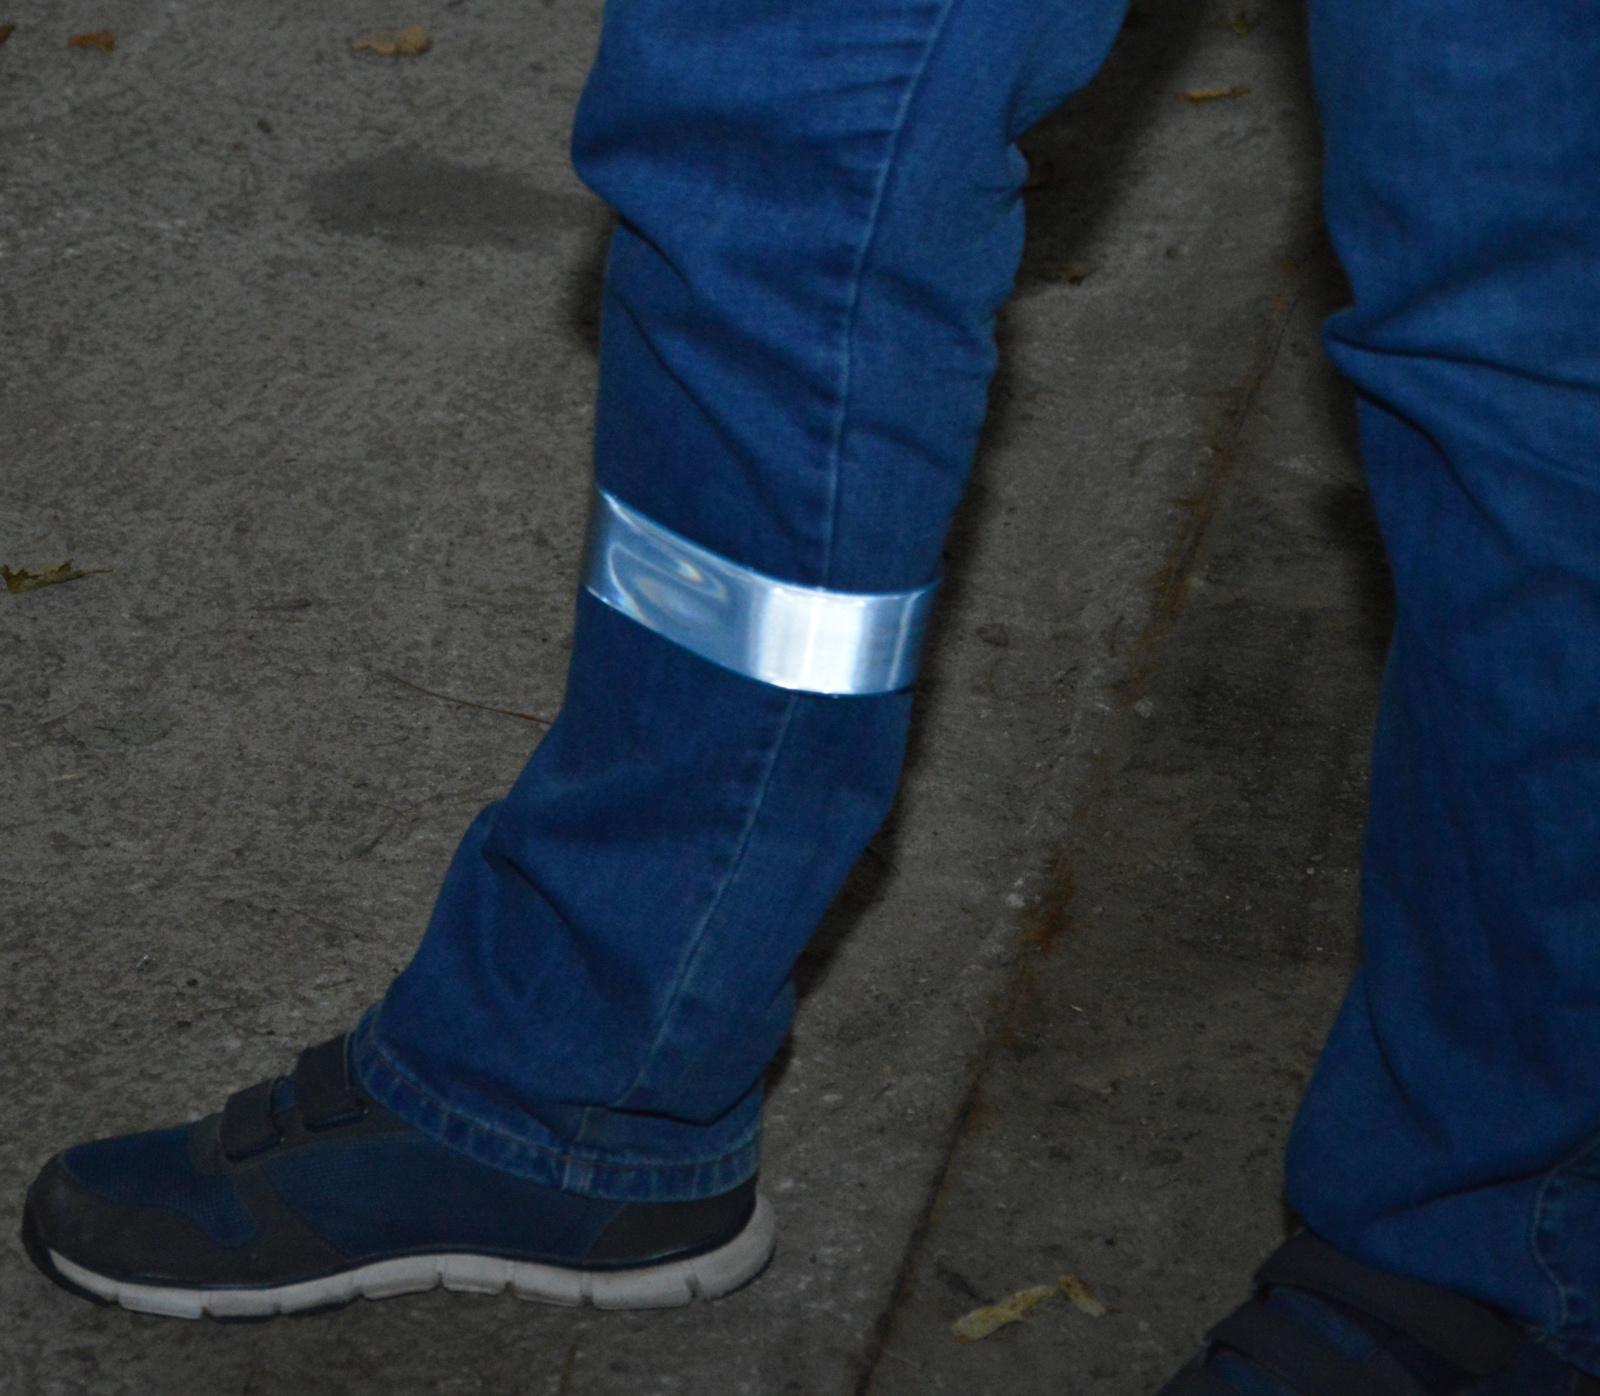 Vairuotojų prašymas pėstiesiems - neslėpkite atšvaitų kišenėse ar rankinėse, jie padeda mums jus pastebėti